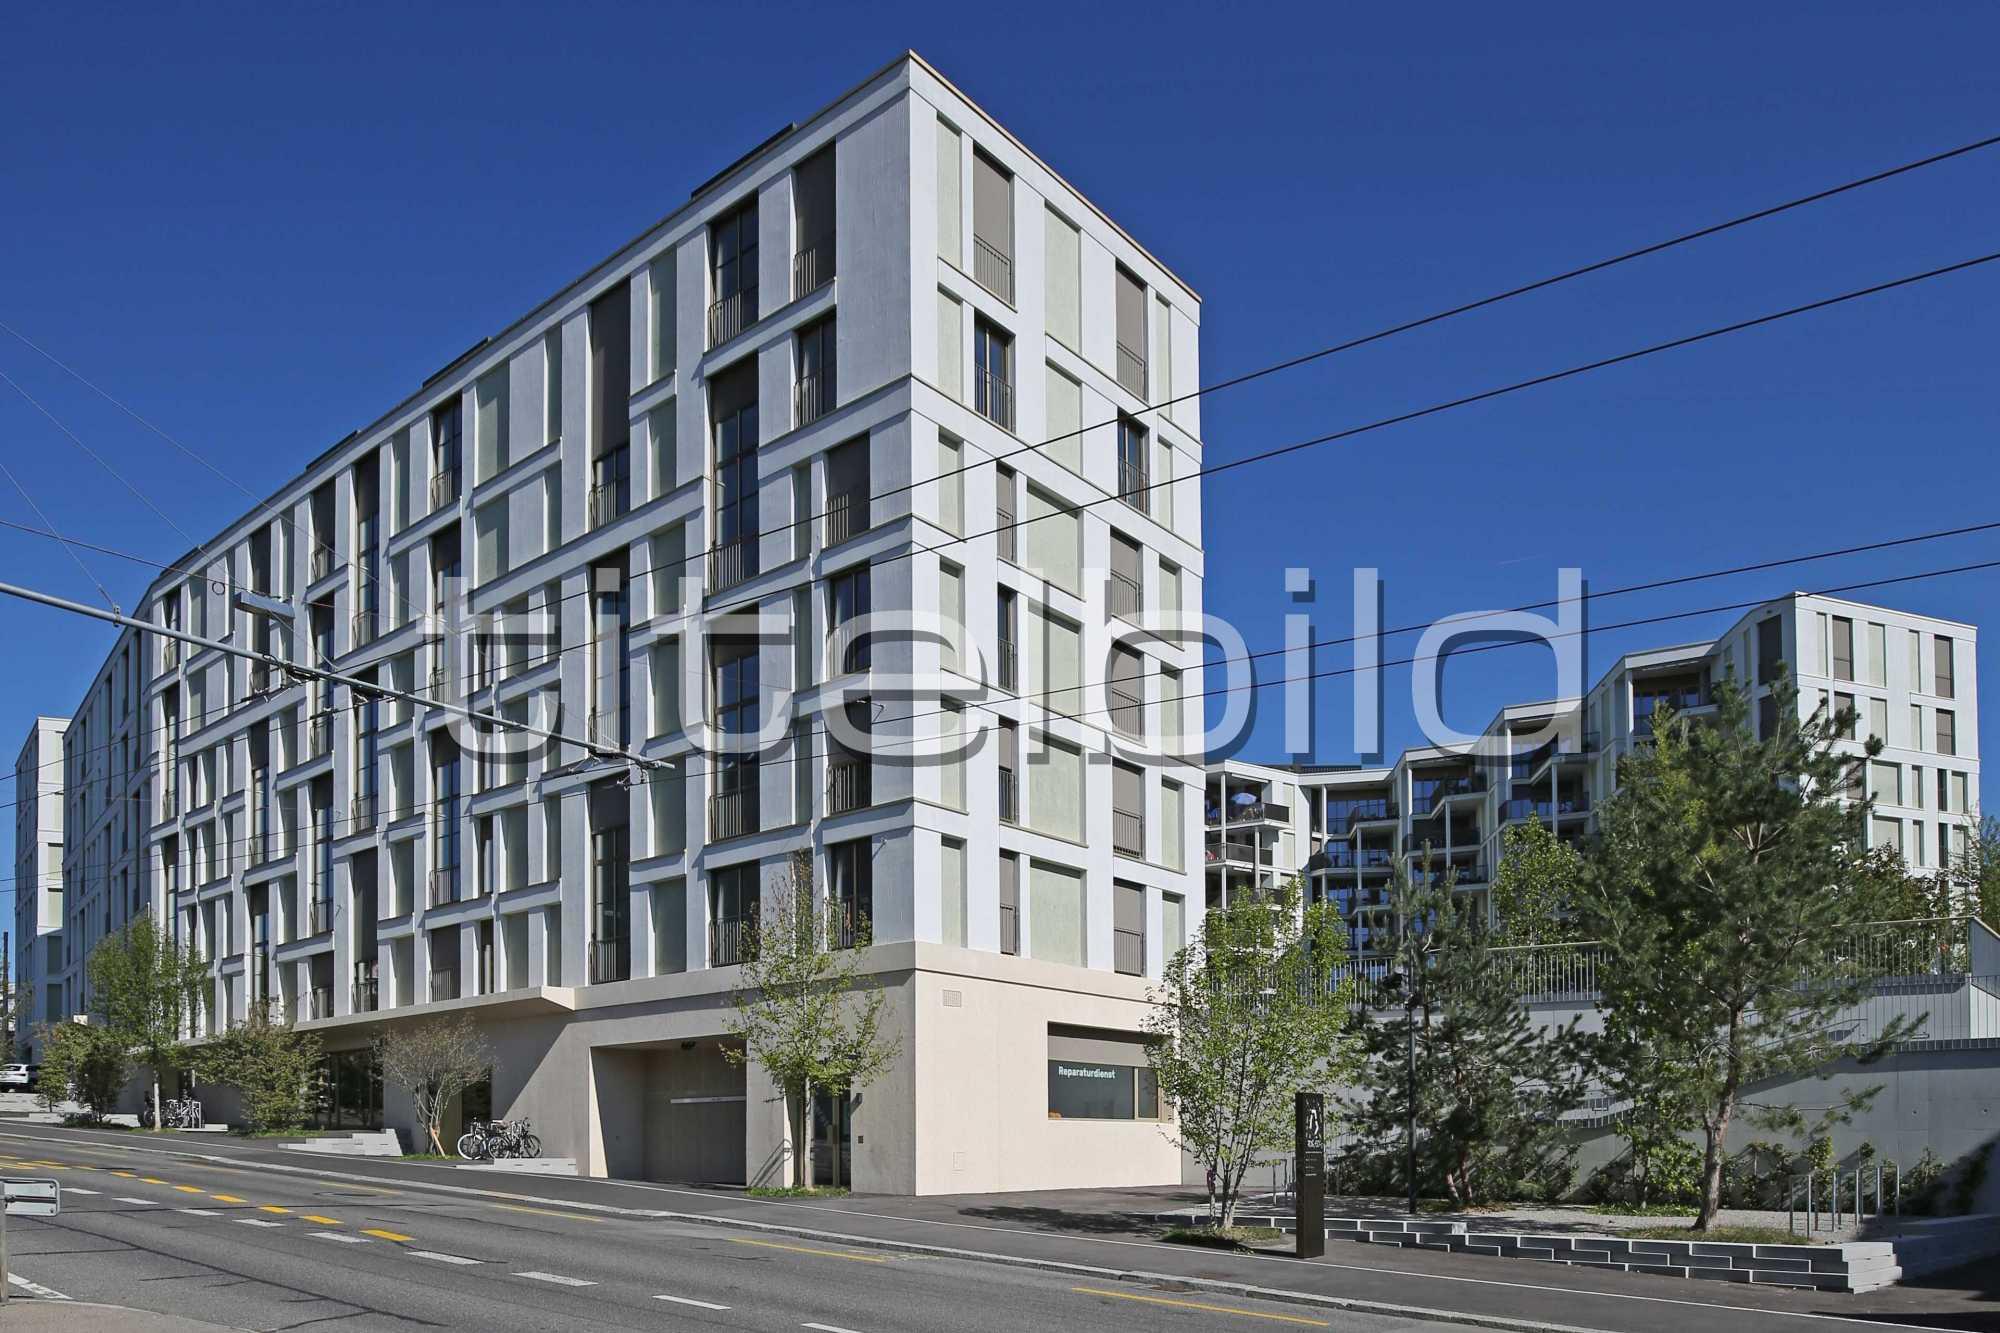 Projektbild-Nr. 1: Siedlung Buchegg